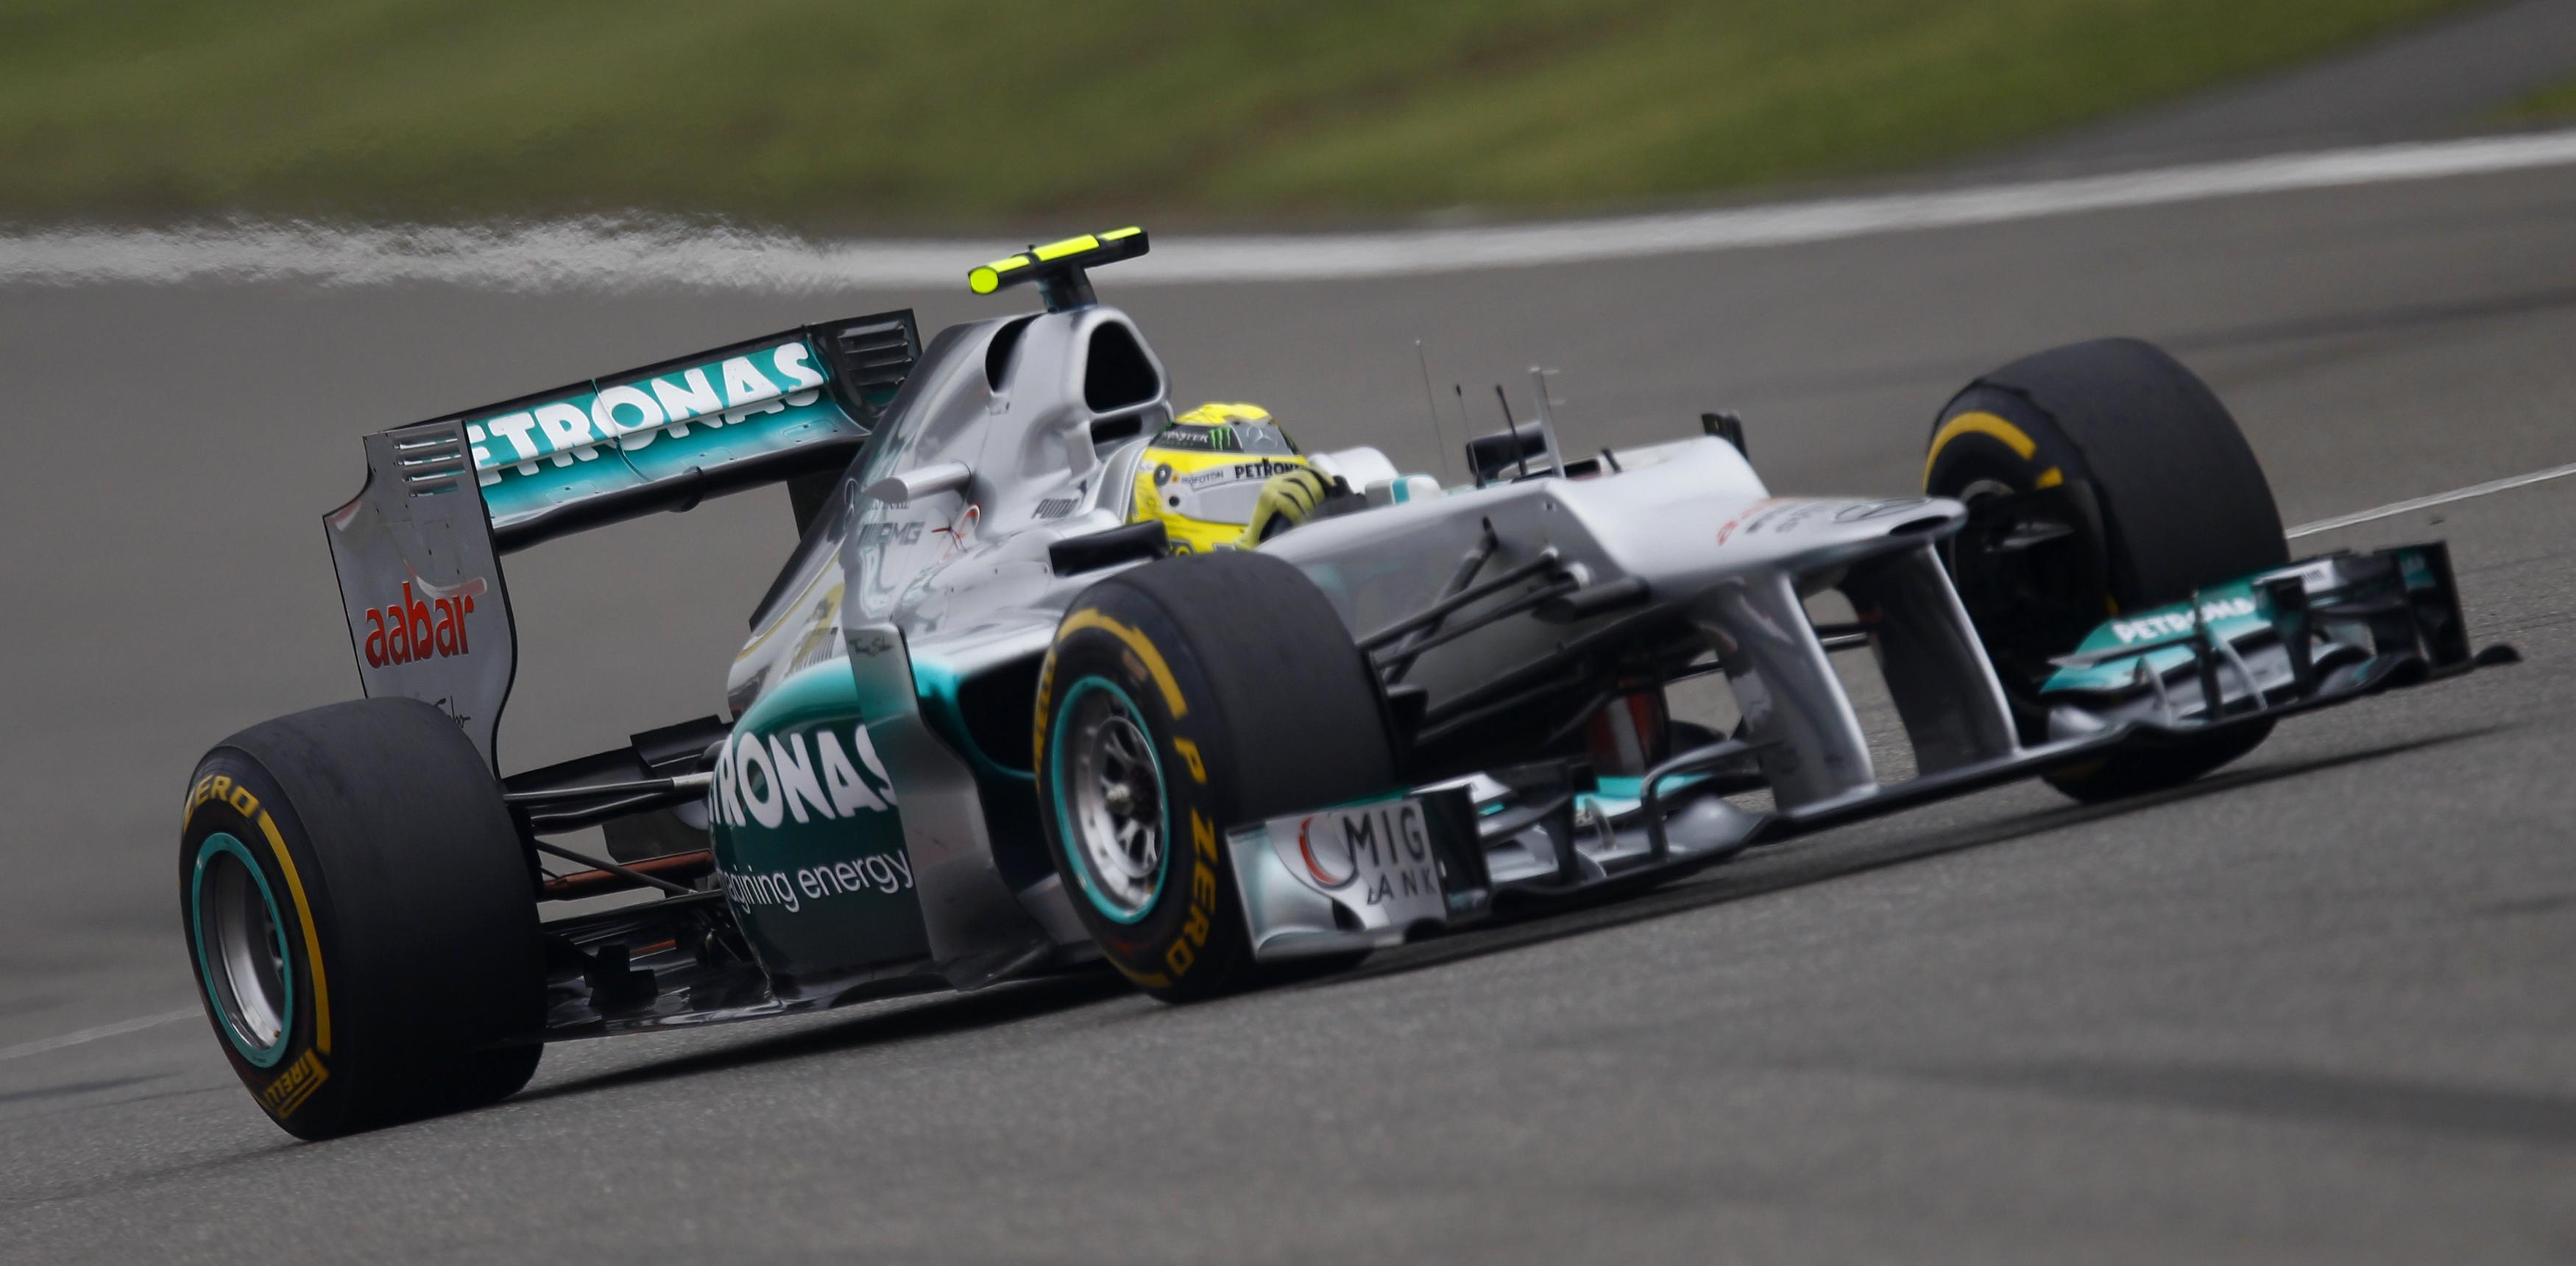 Il pilot da Mercedes, Nico Rosberg, ha gudagnà il Grond Premi.